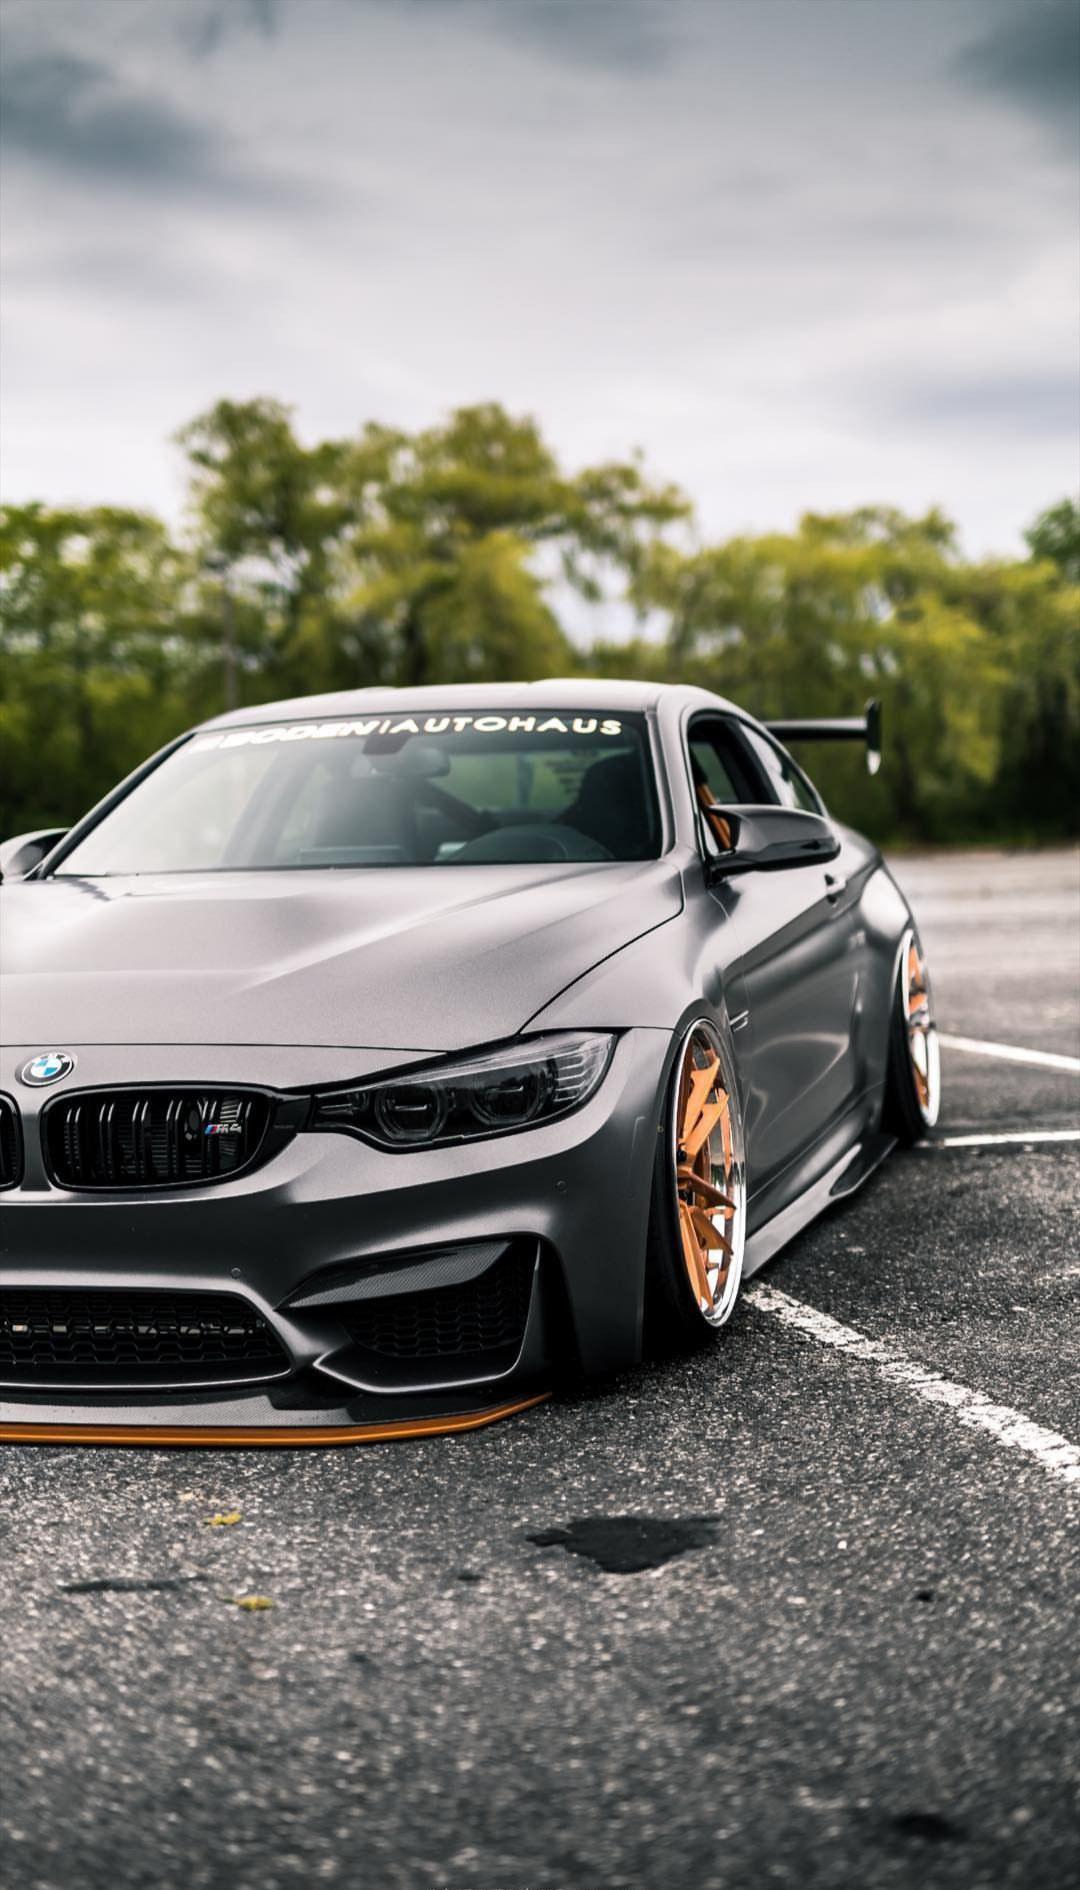 Bmw M4 Drift : drift, Drift